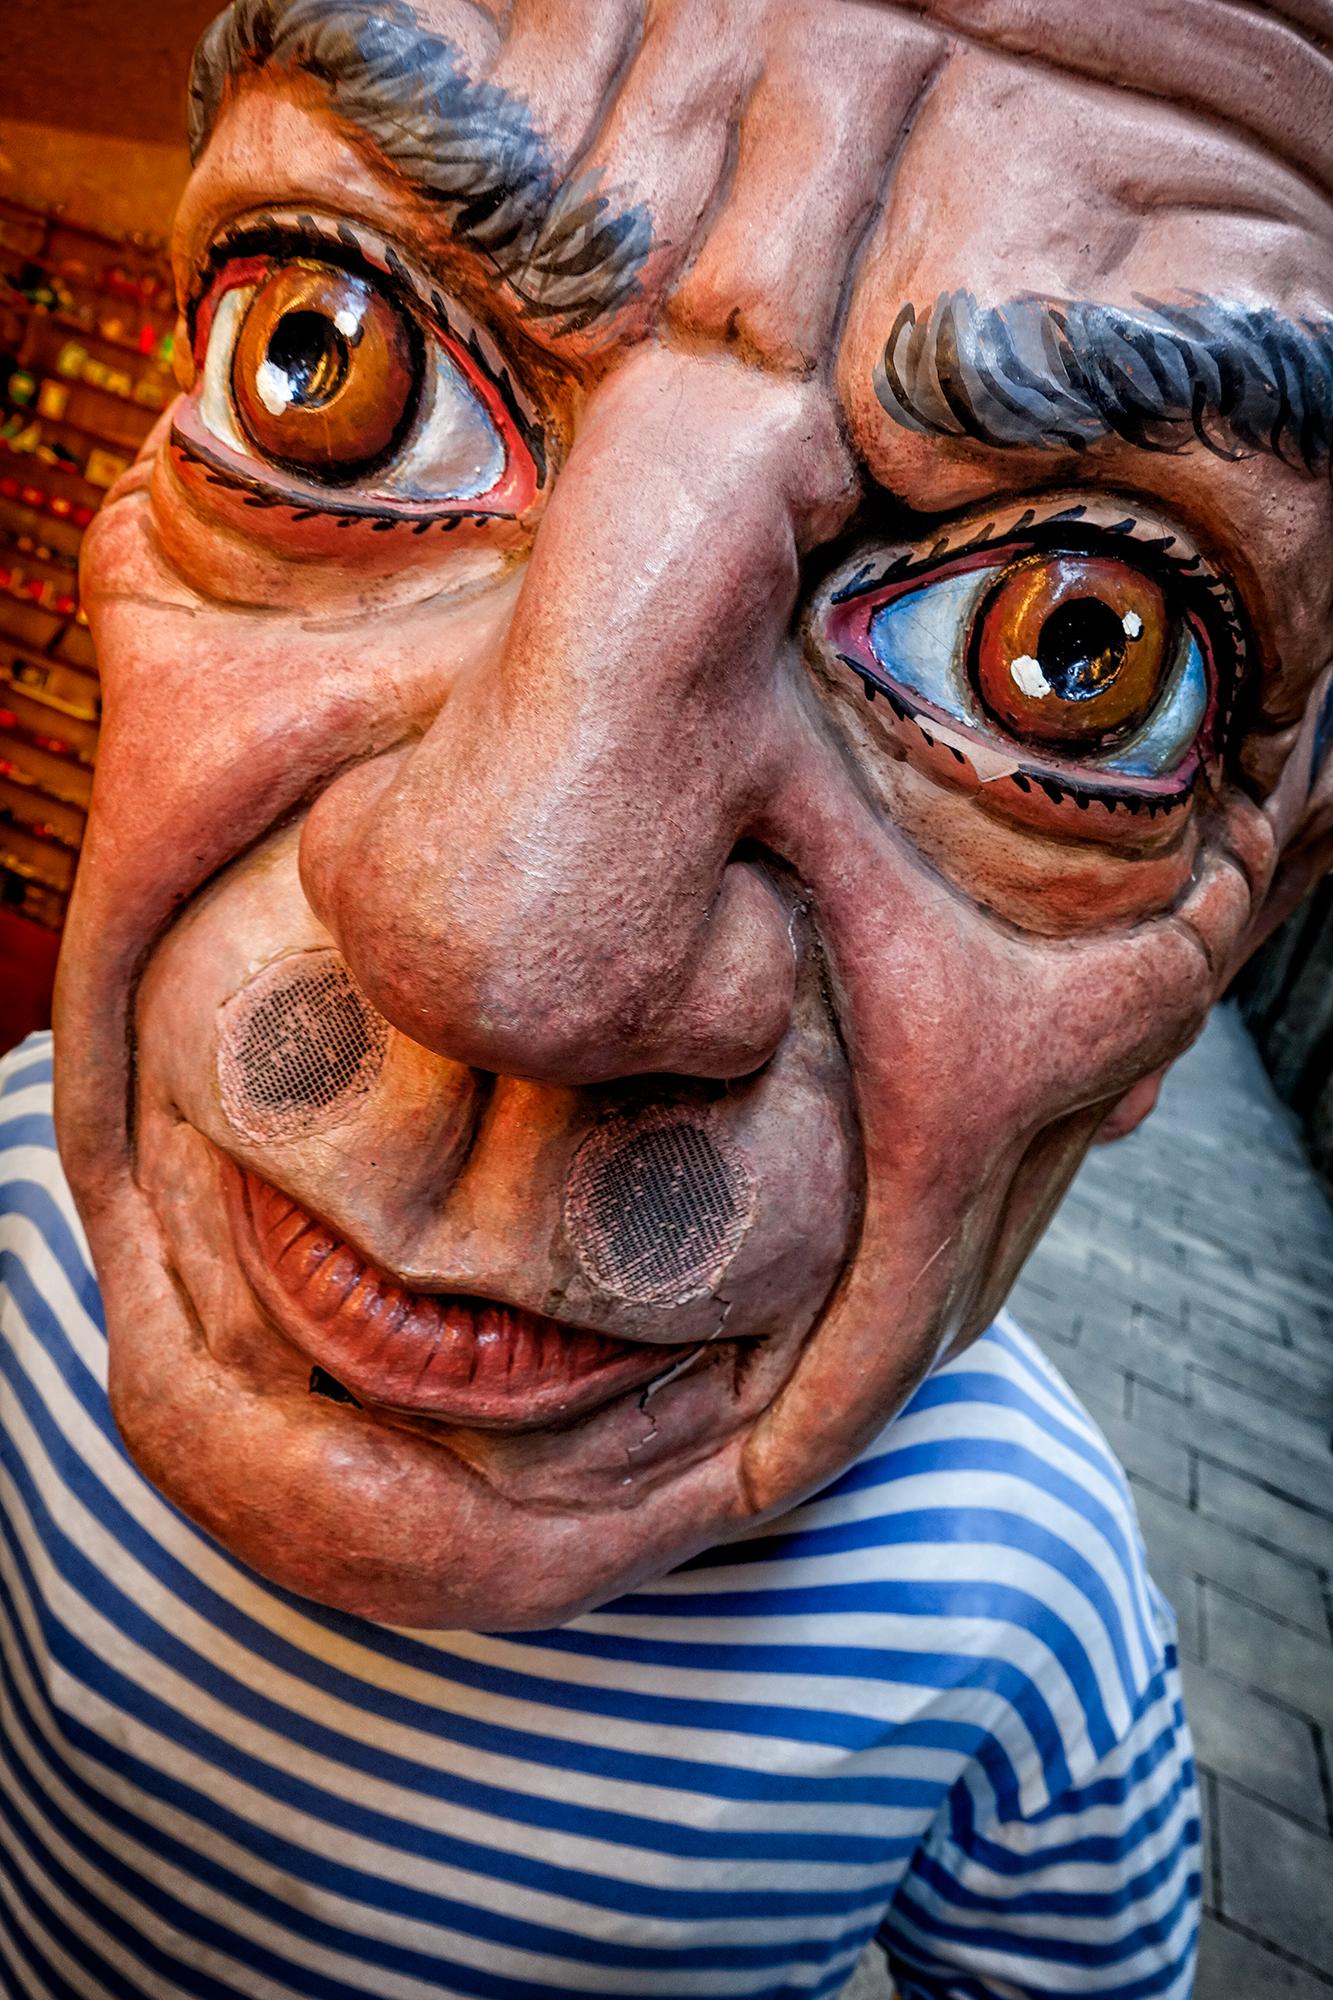 Pablo Picasso. Barcelona, 2015